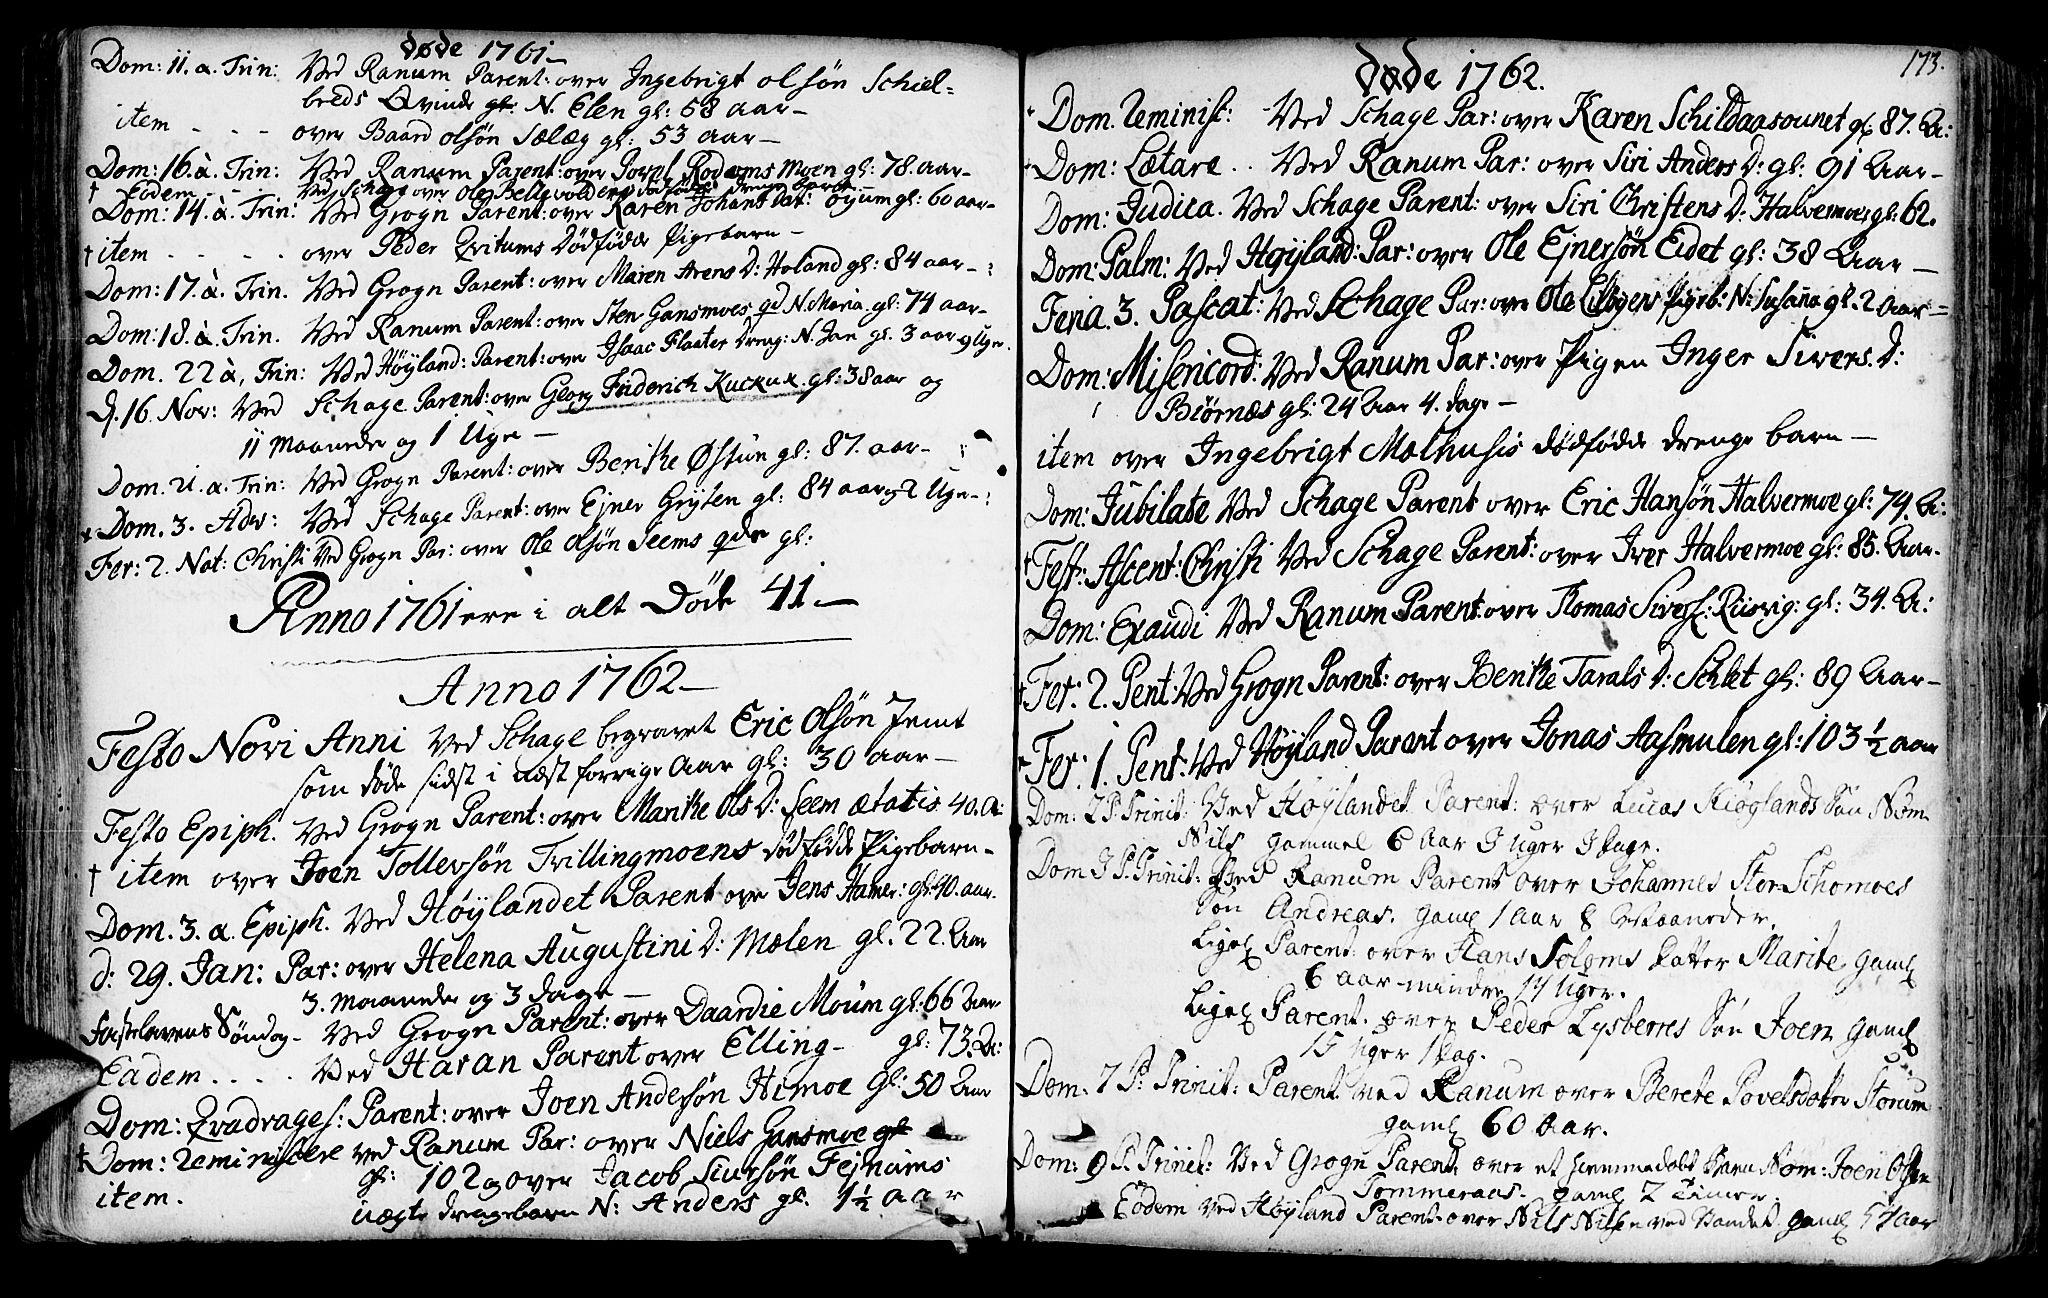 SAT, Ministerialprotokoller, klokkerbøker og fødselsregistre - Nord-Trøndelag, 764/L0542: Ministerialbok nr. 764A02, 1748-1779, s. 173